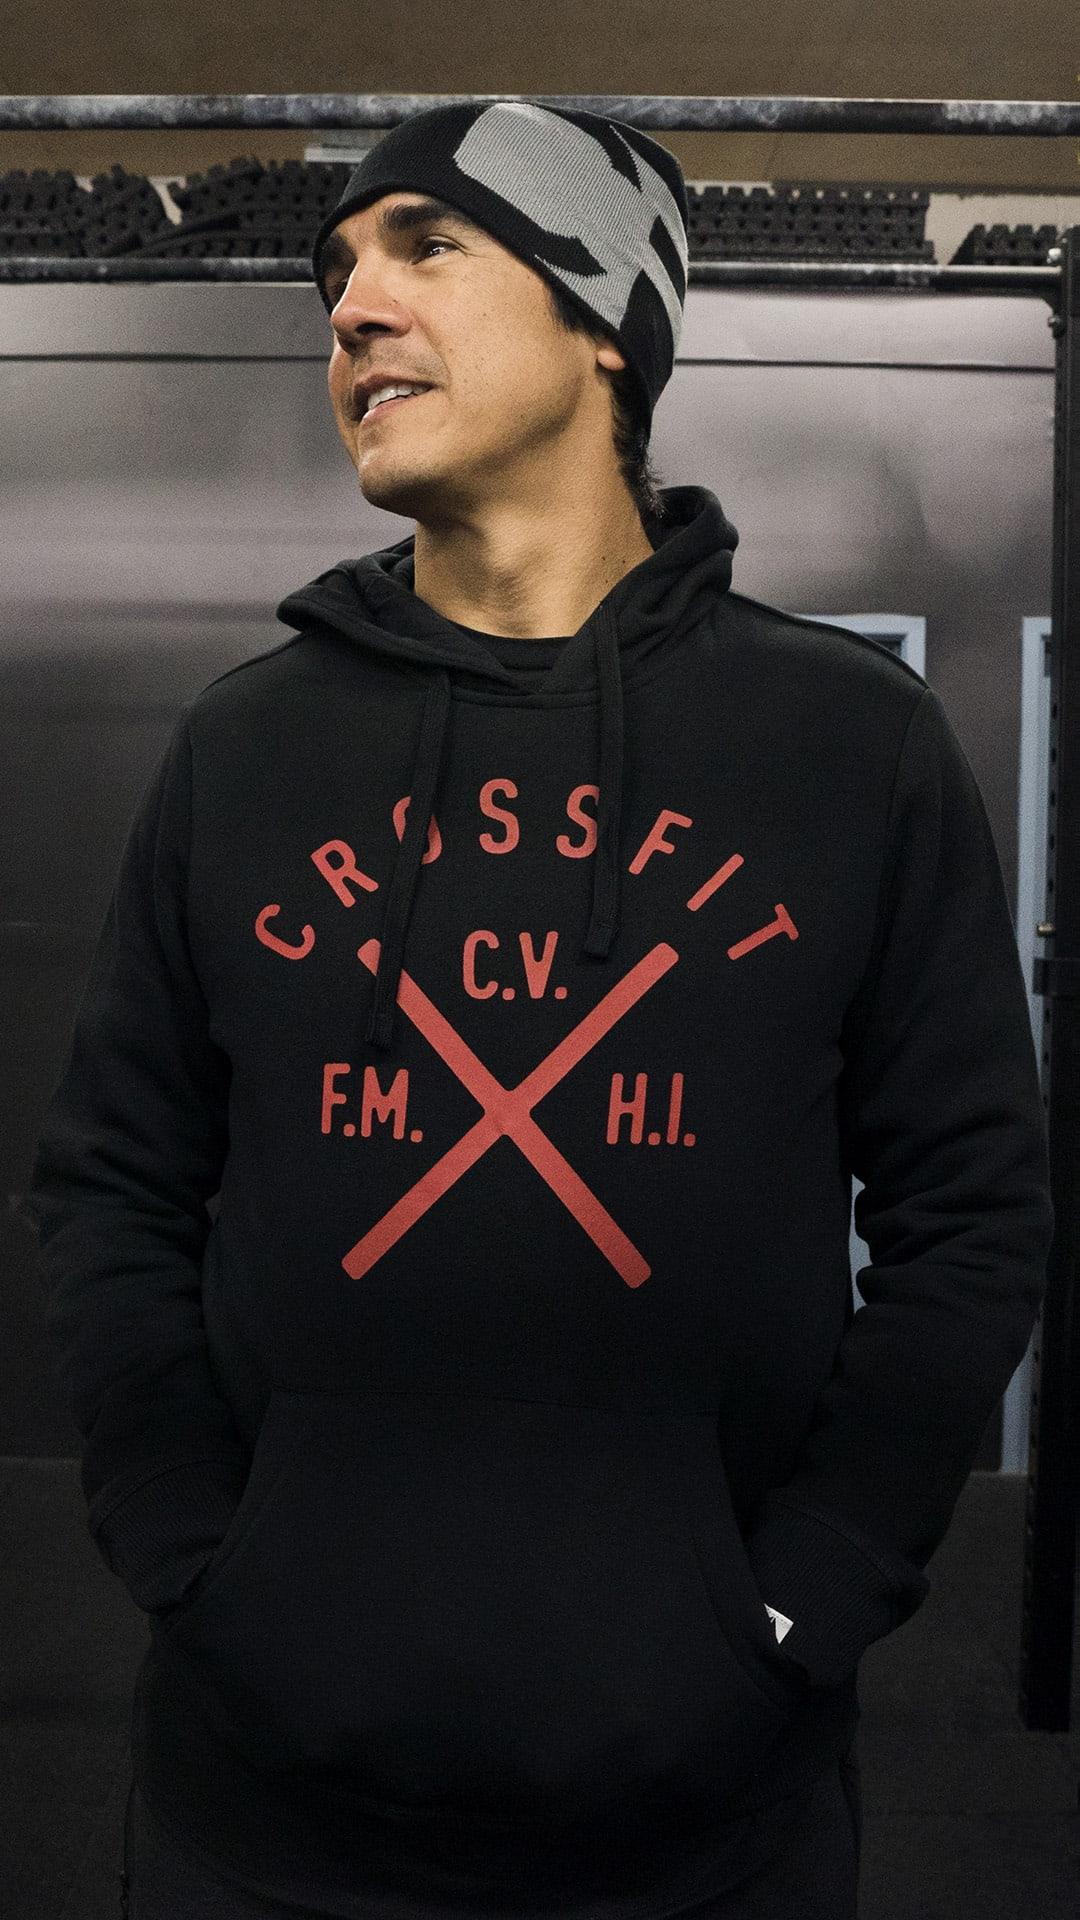 dave-castro-crossfit-open-6